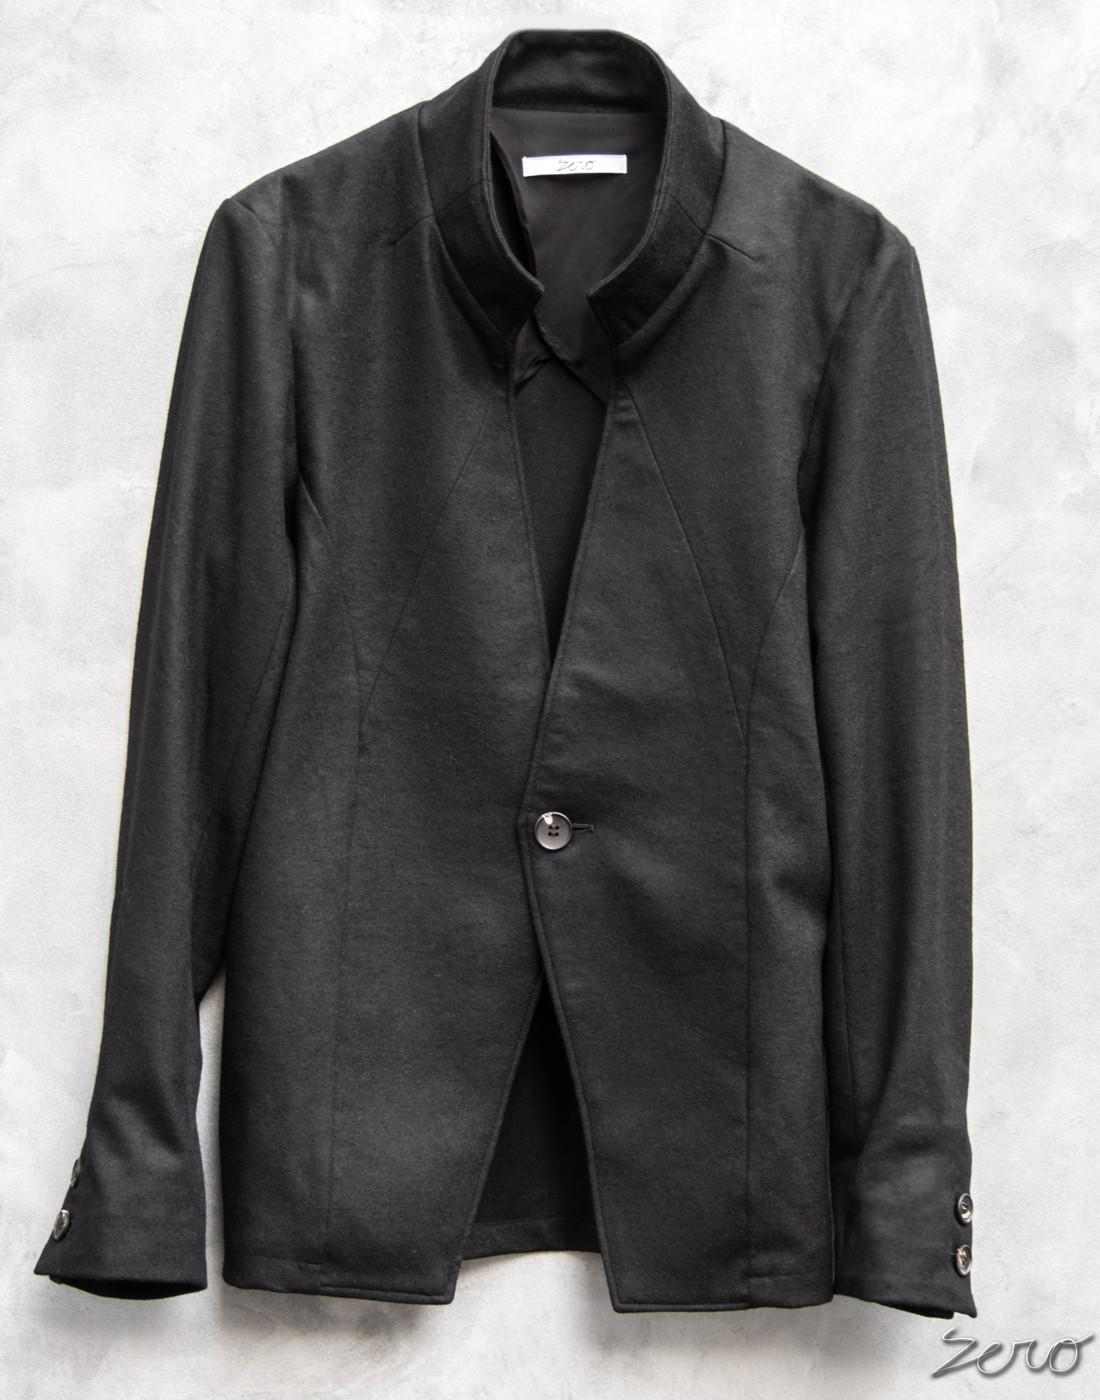 ワンボタンジャケット黒×黒.jpg